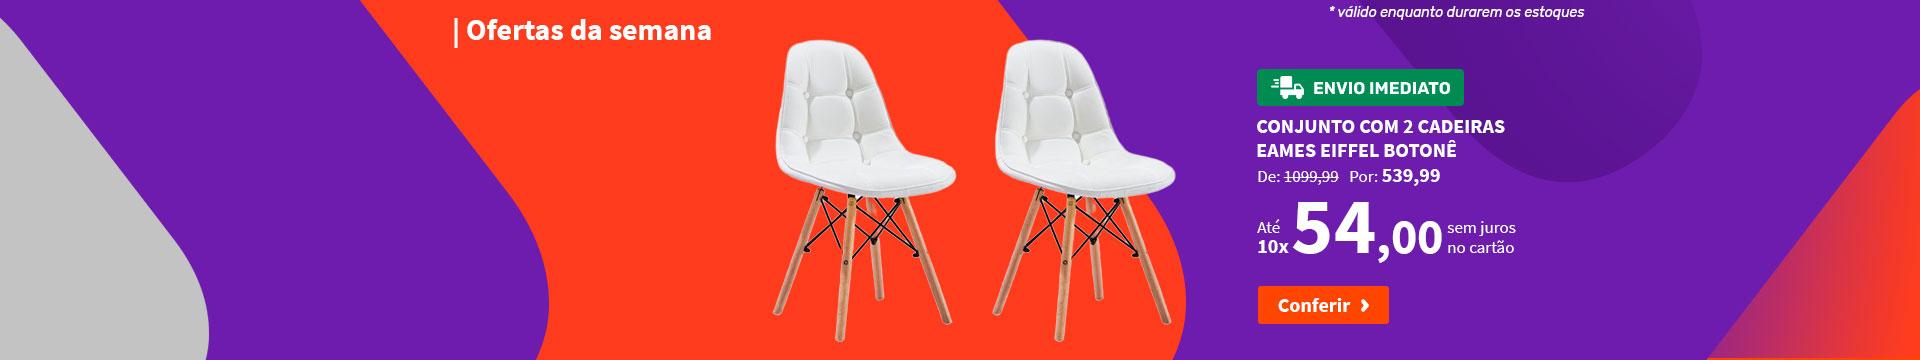 Conjunto com 2 Cadeiras Eames Eiffel Botonê - Ofertas da semana